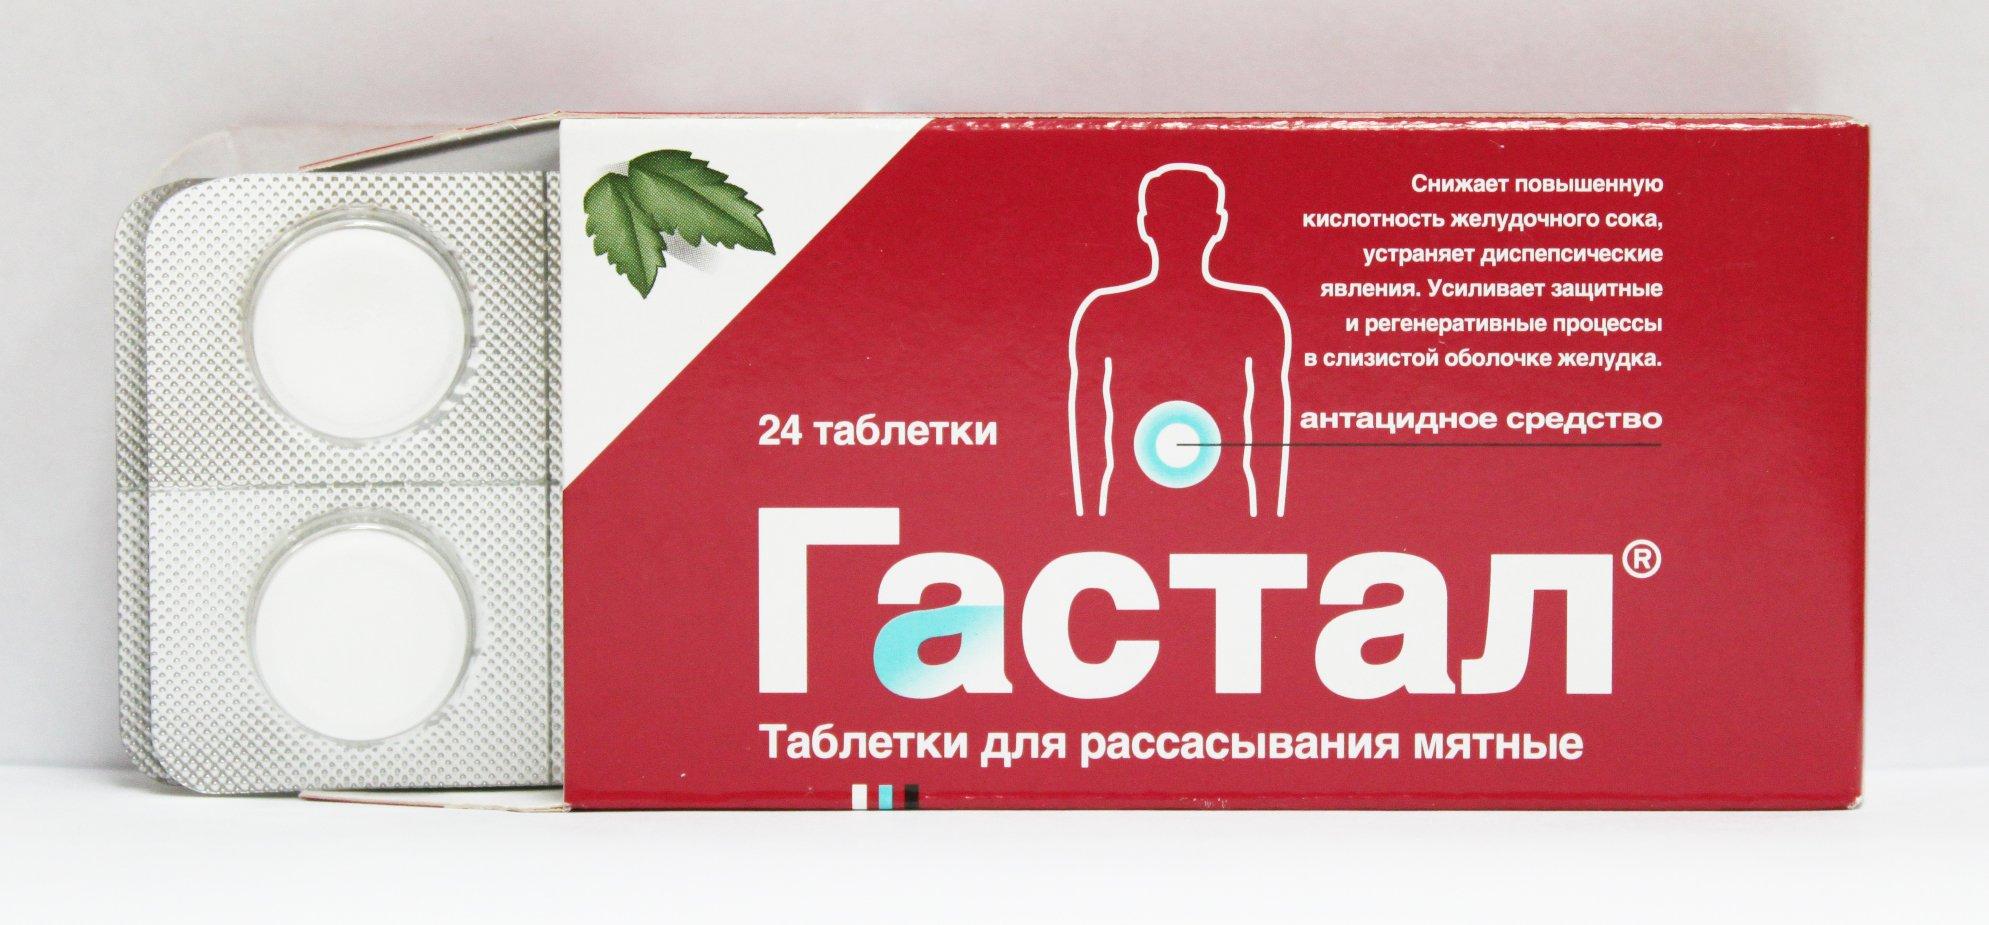 35701079-gastritpolinovidnaya-giperplaziya-slizistoy-zheludka